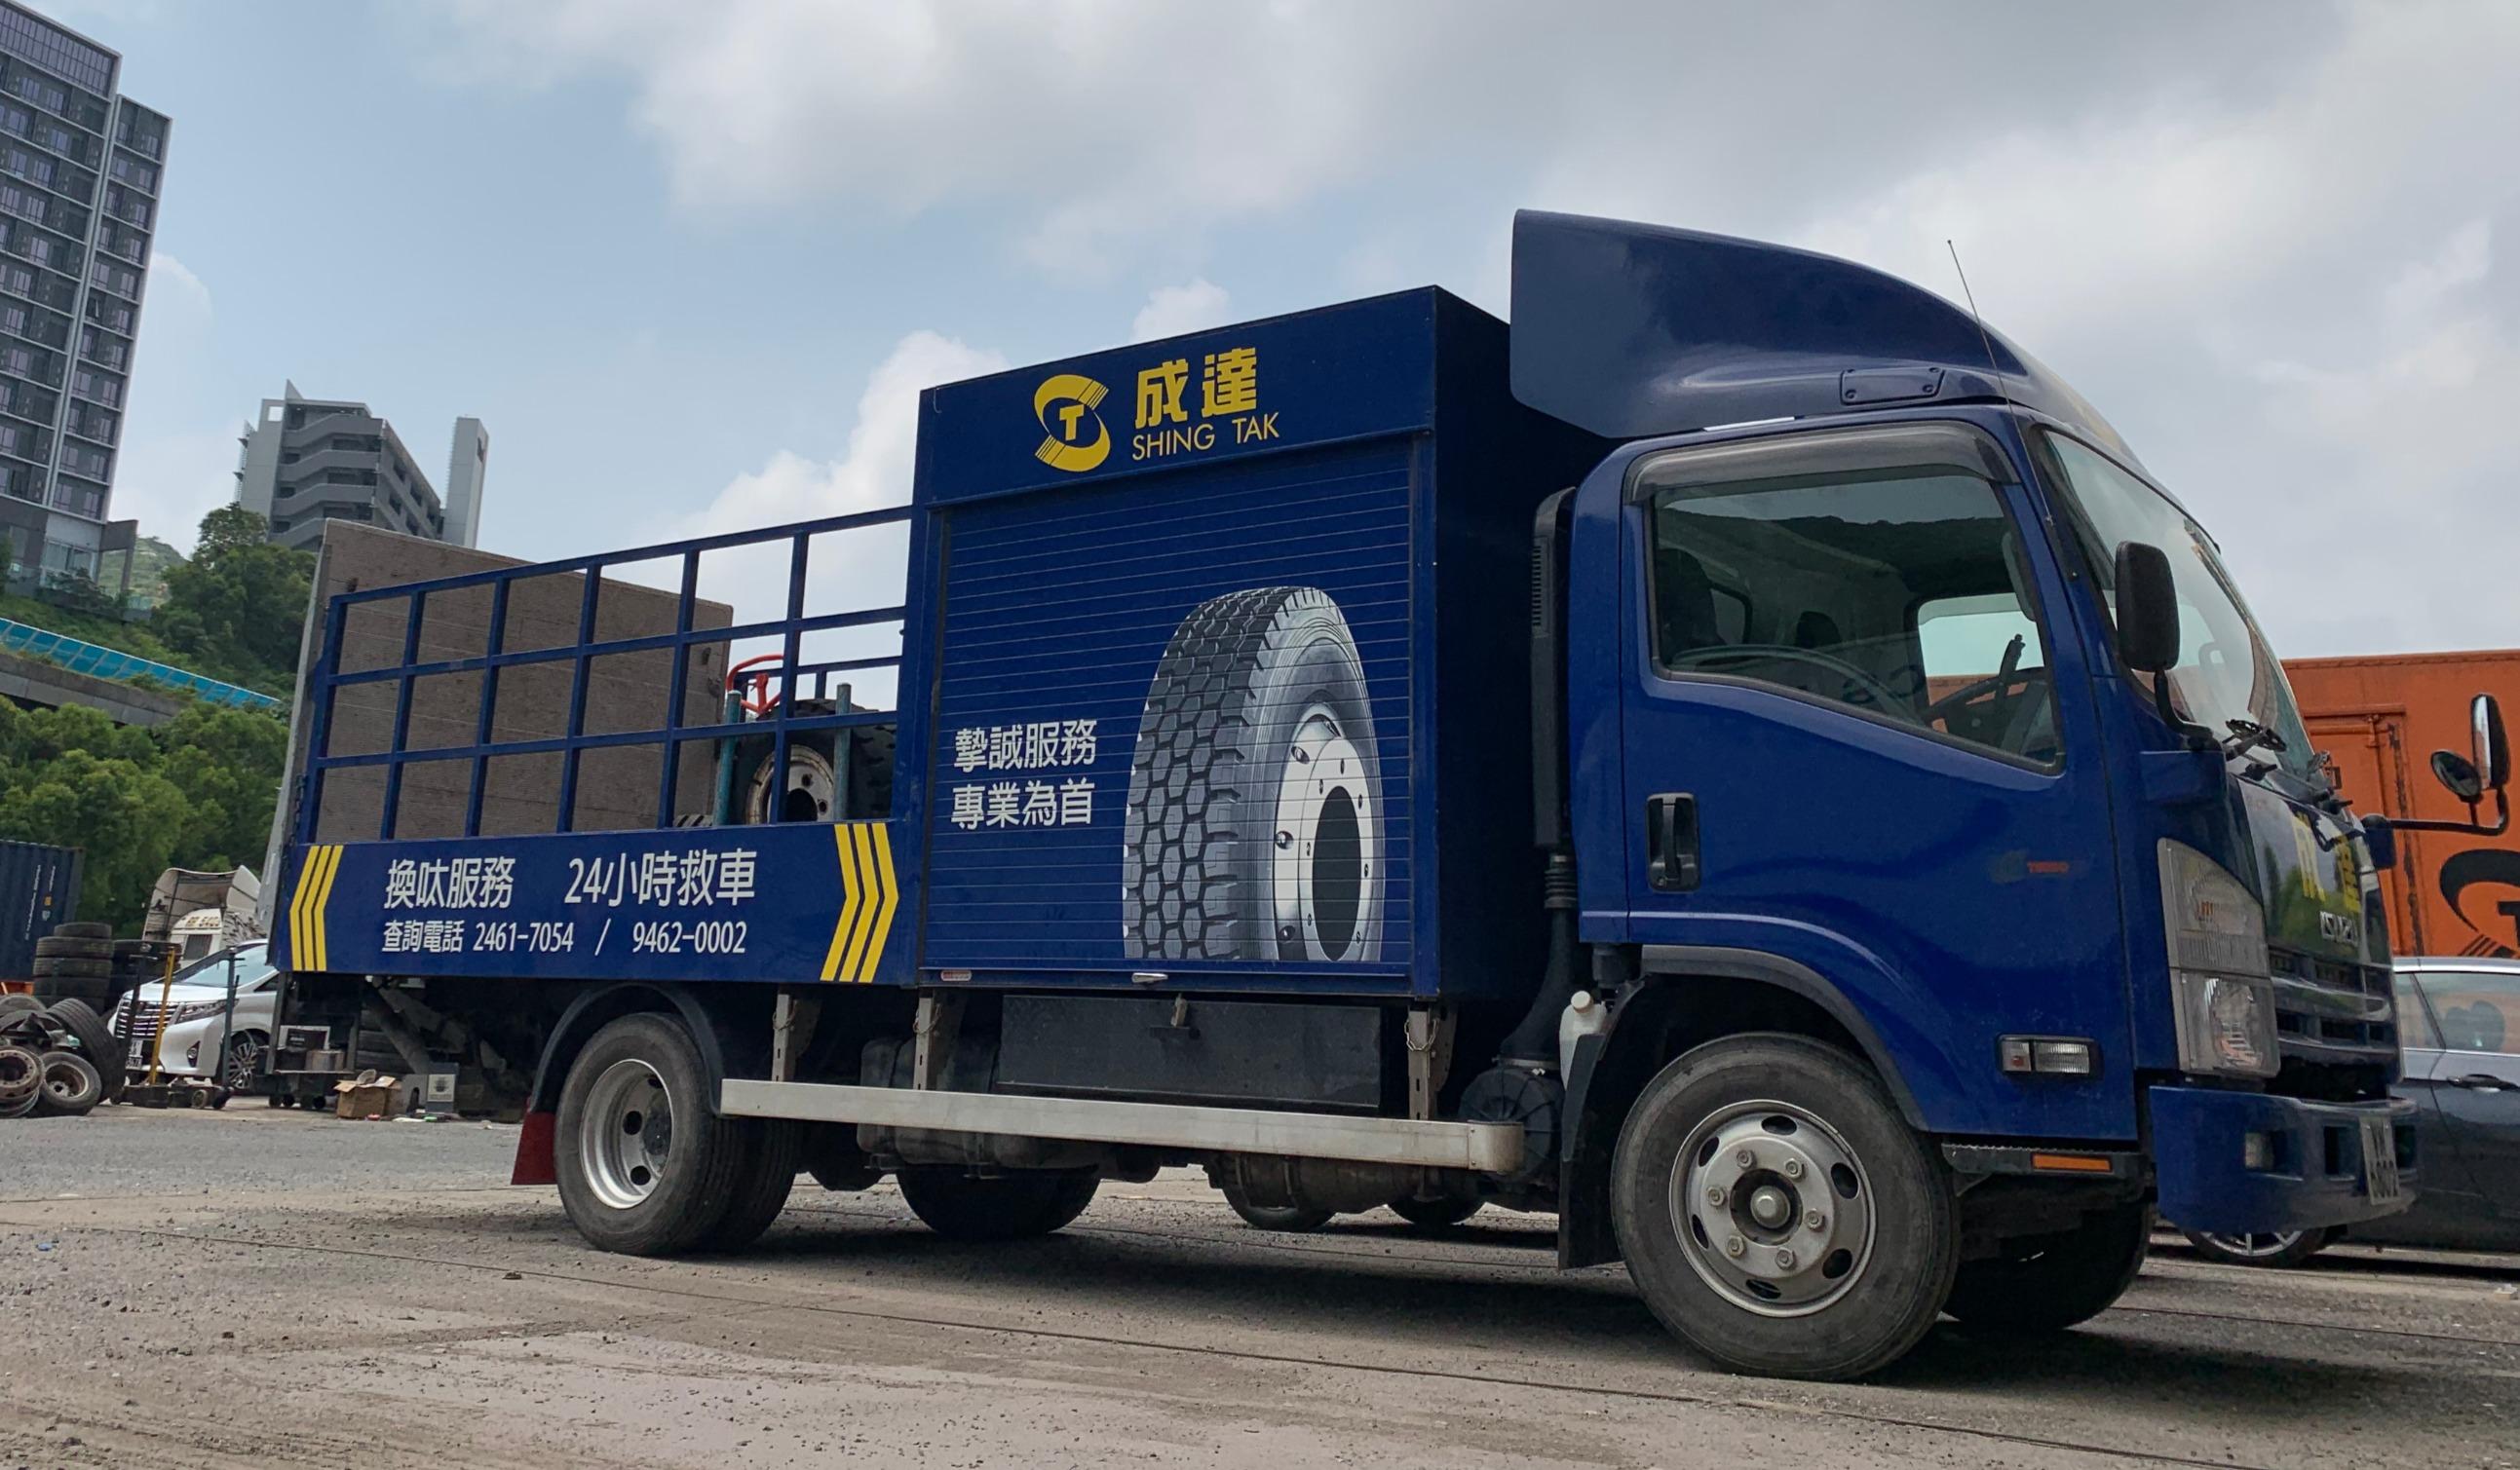 流動輪胎服務車 - 大胎